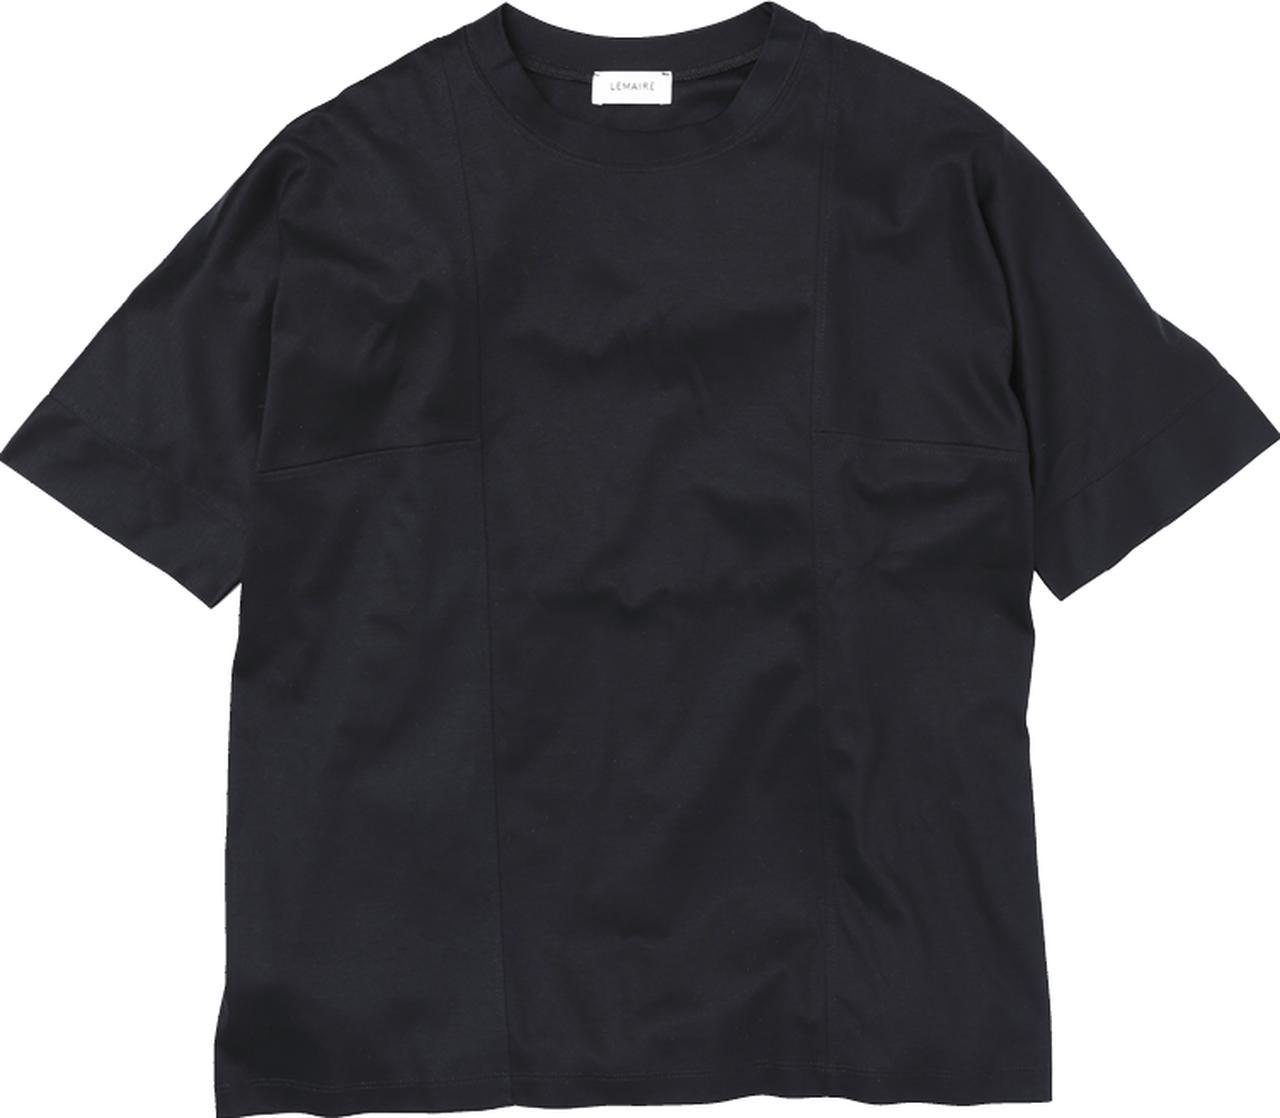 画像5: 意外と使える秋Tシャツ 今シーズン最後のカットソー買いはコレ!